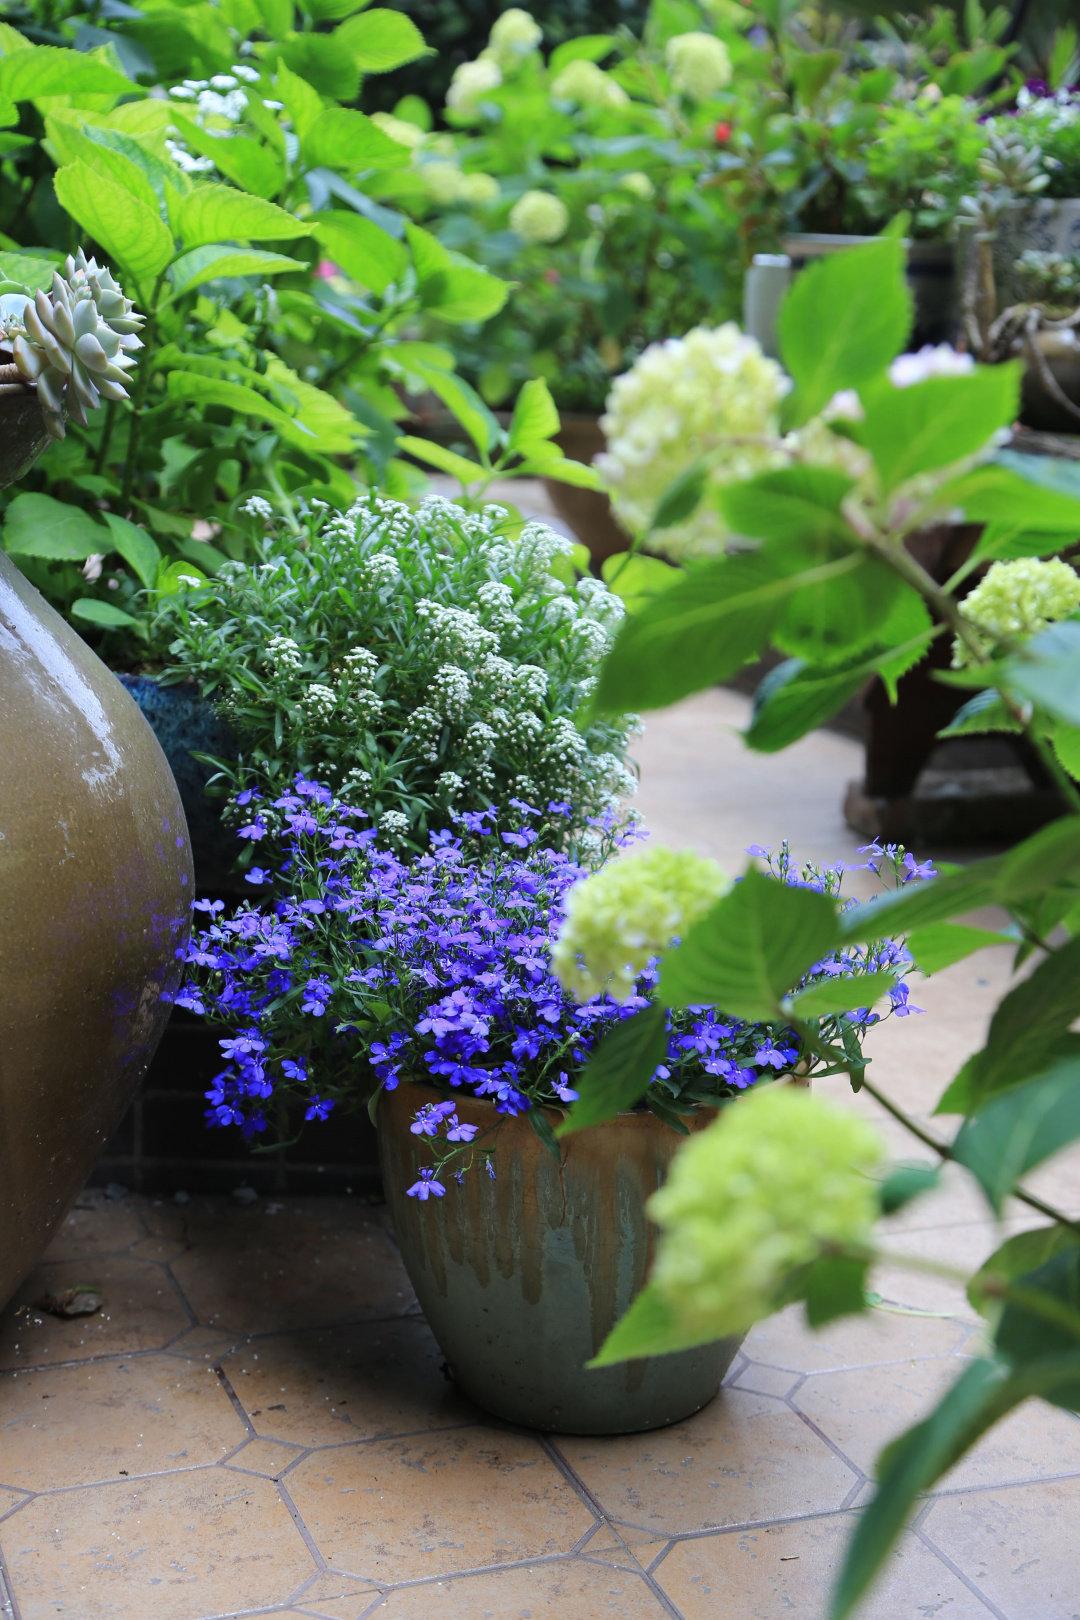 Khu vườn quanh năm chỉ có mùa xuân với hoa nở tưng bừng của cô giáo dạy Toán-9